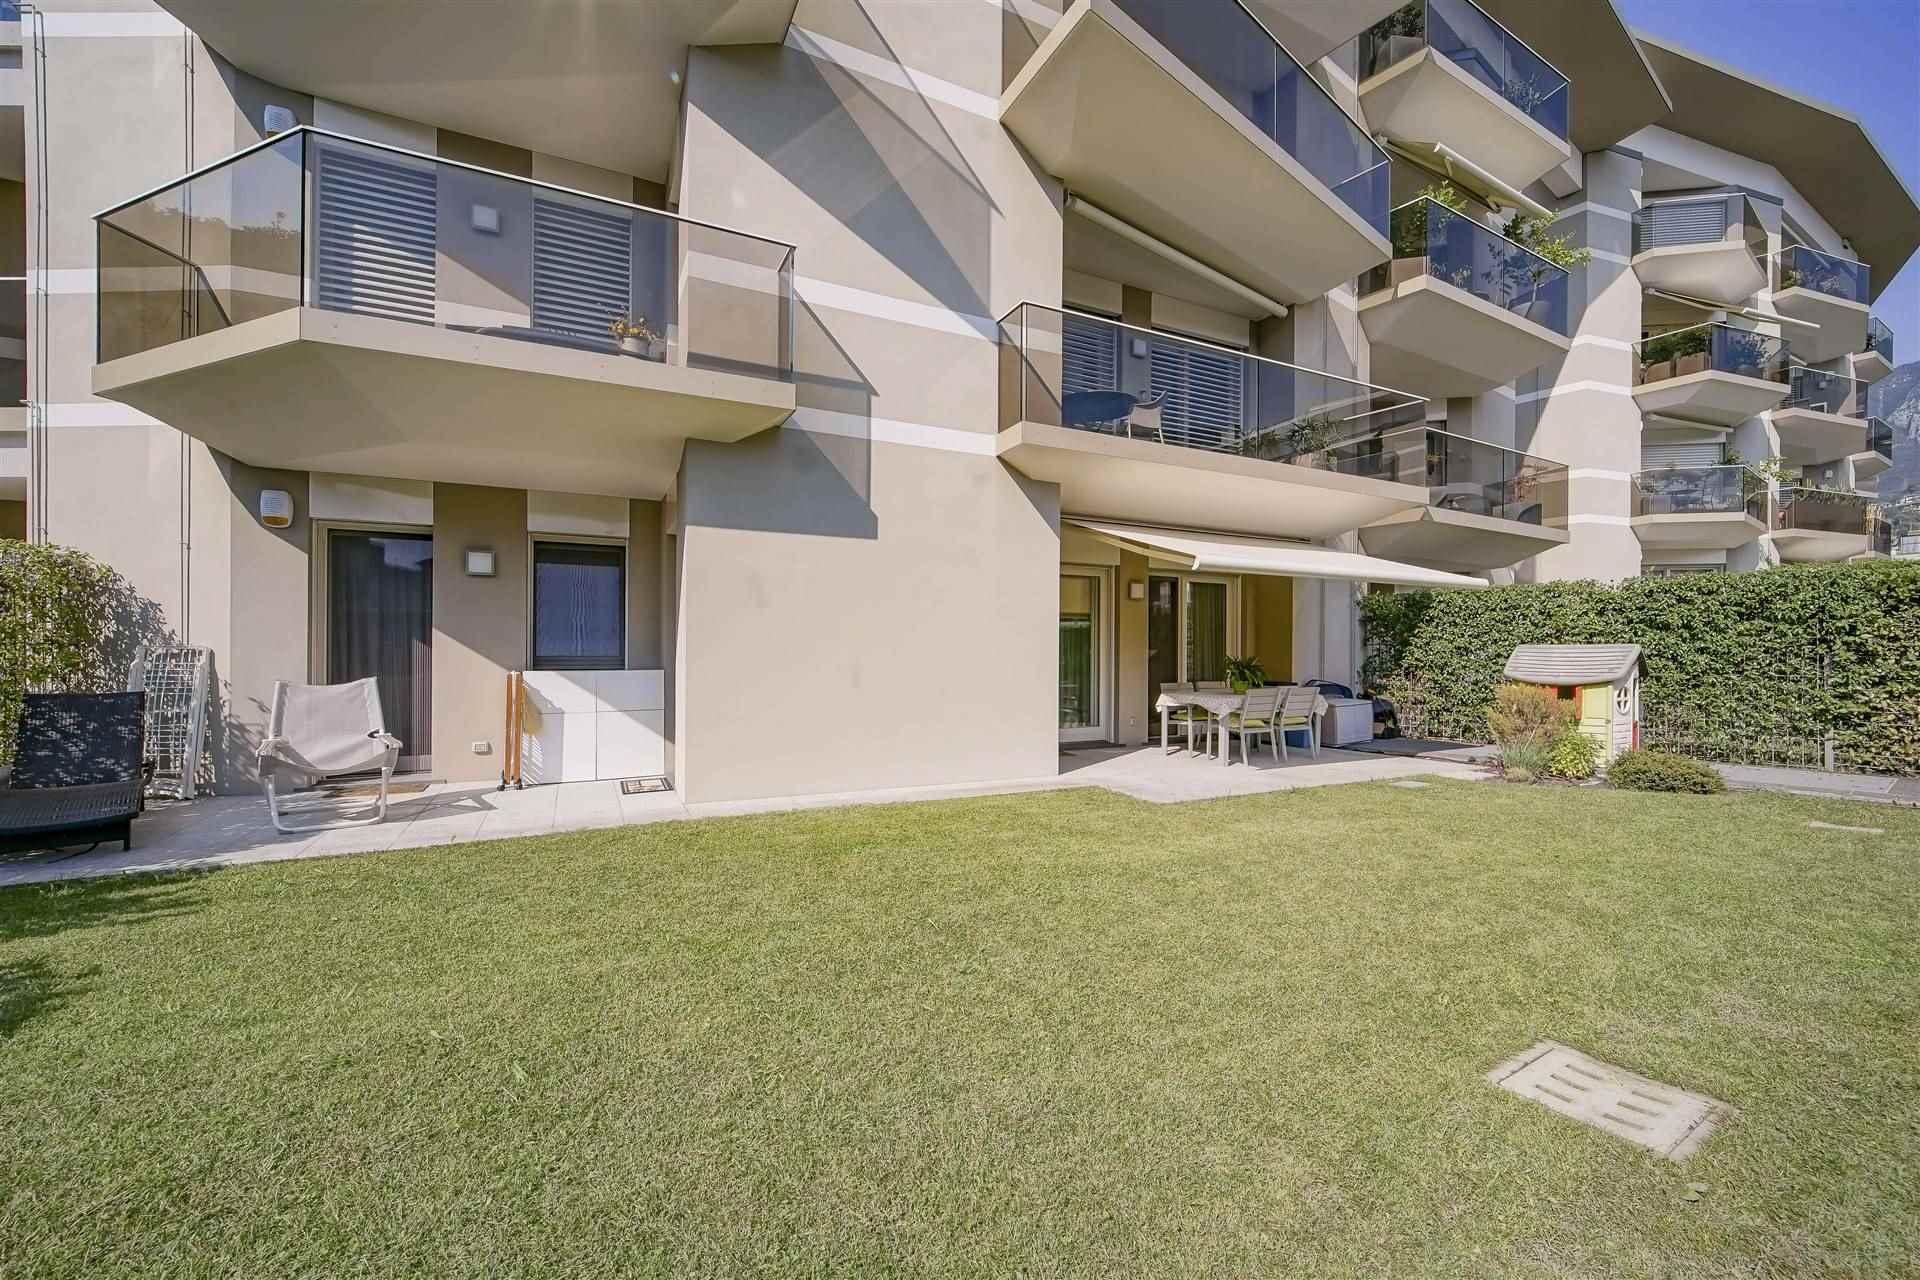 Appartamento in vendita a Lecco, 3 locali, zona Zona: Castello, prezzo € 430.000 | CambioCasa.it